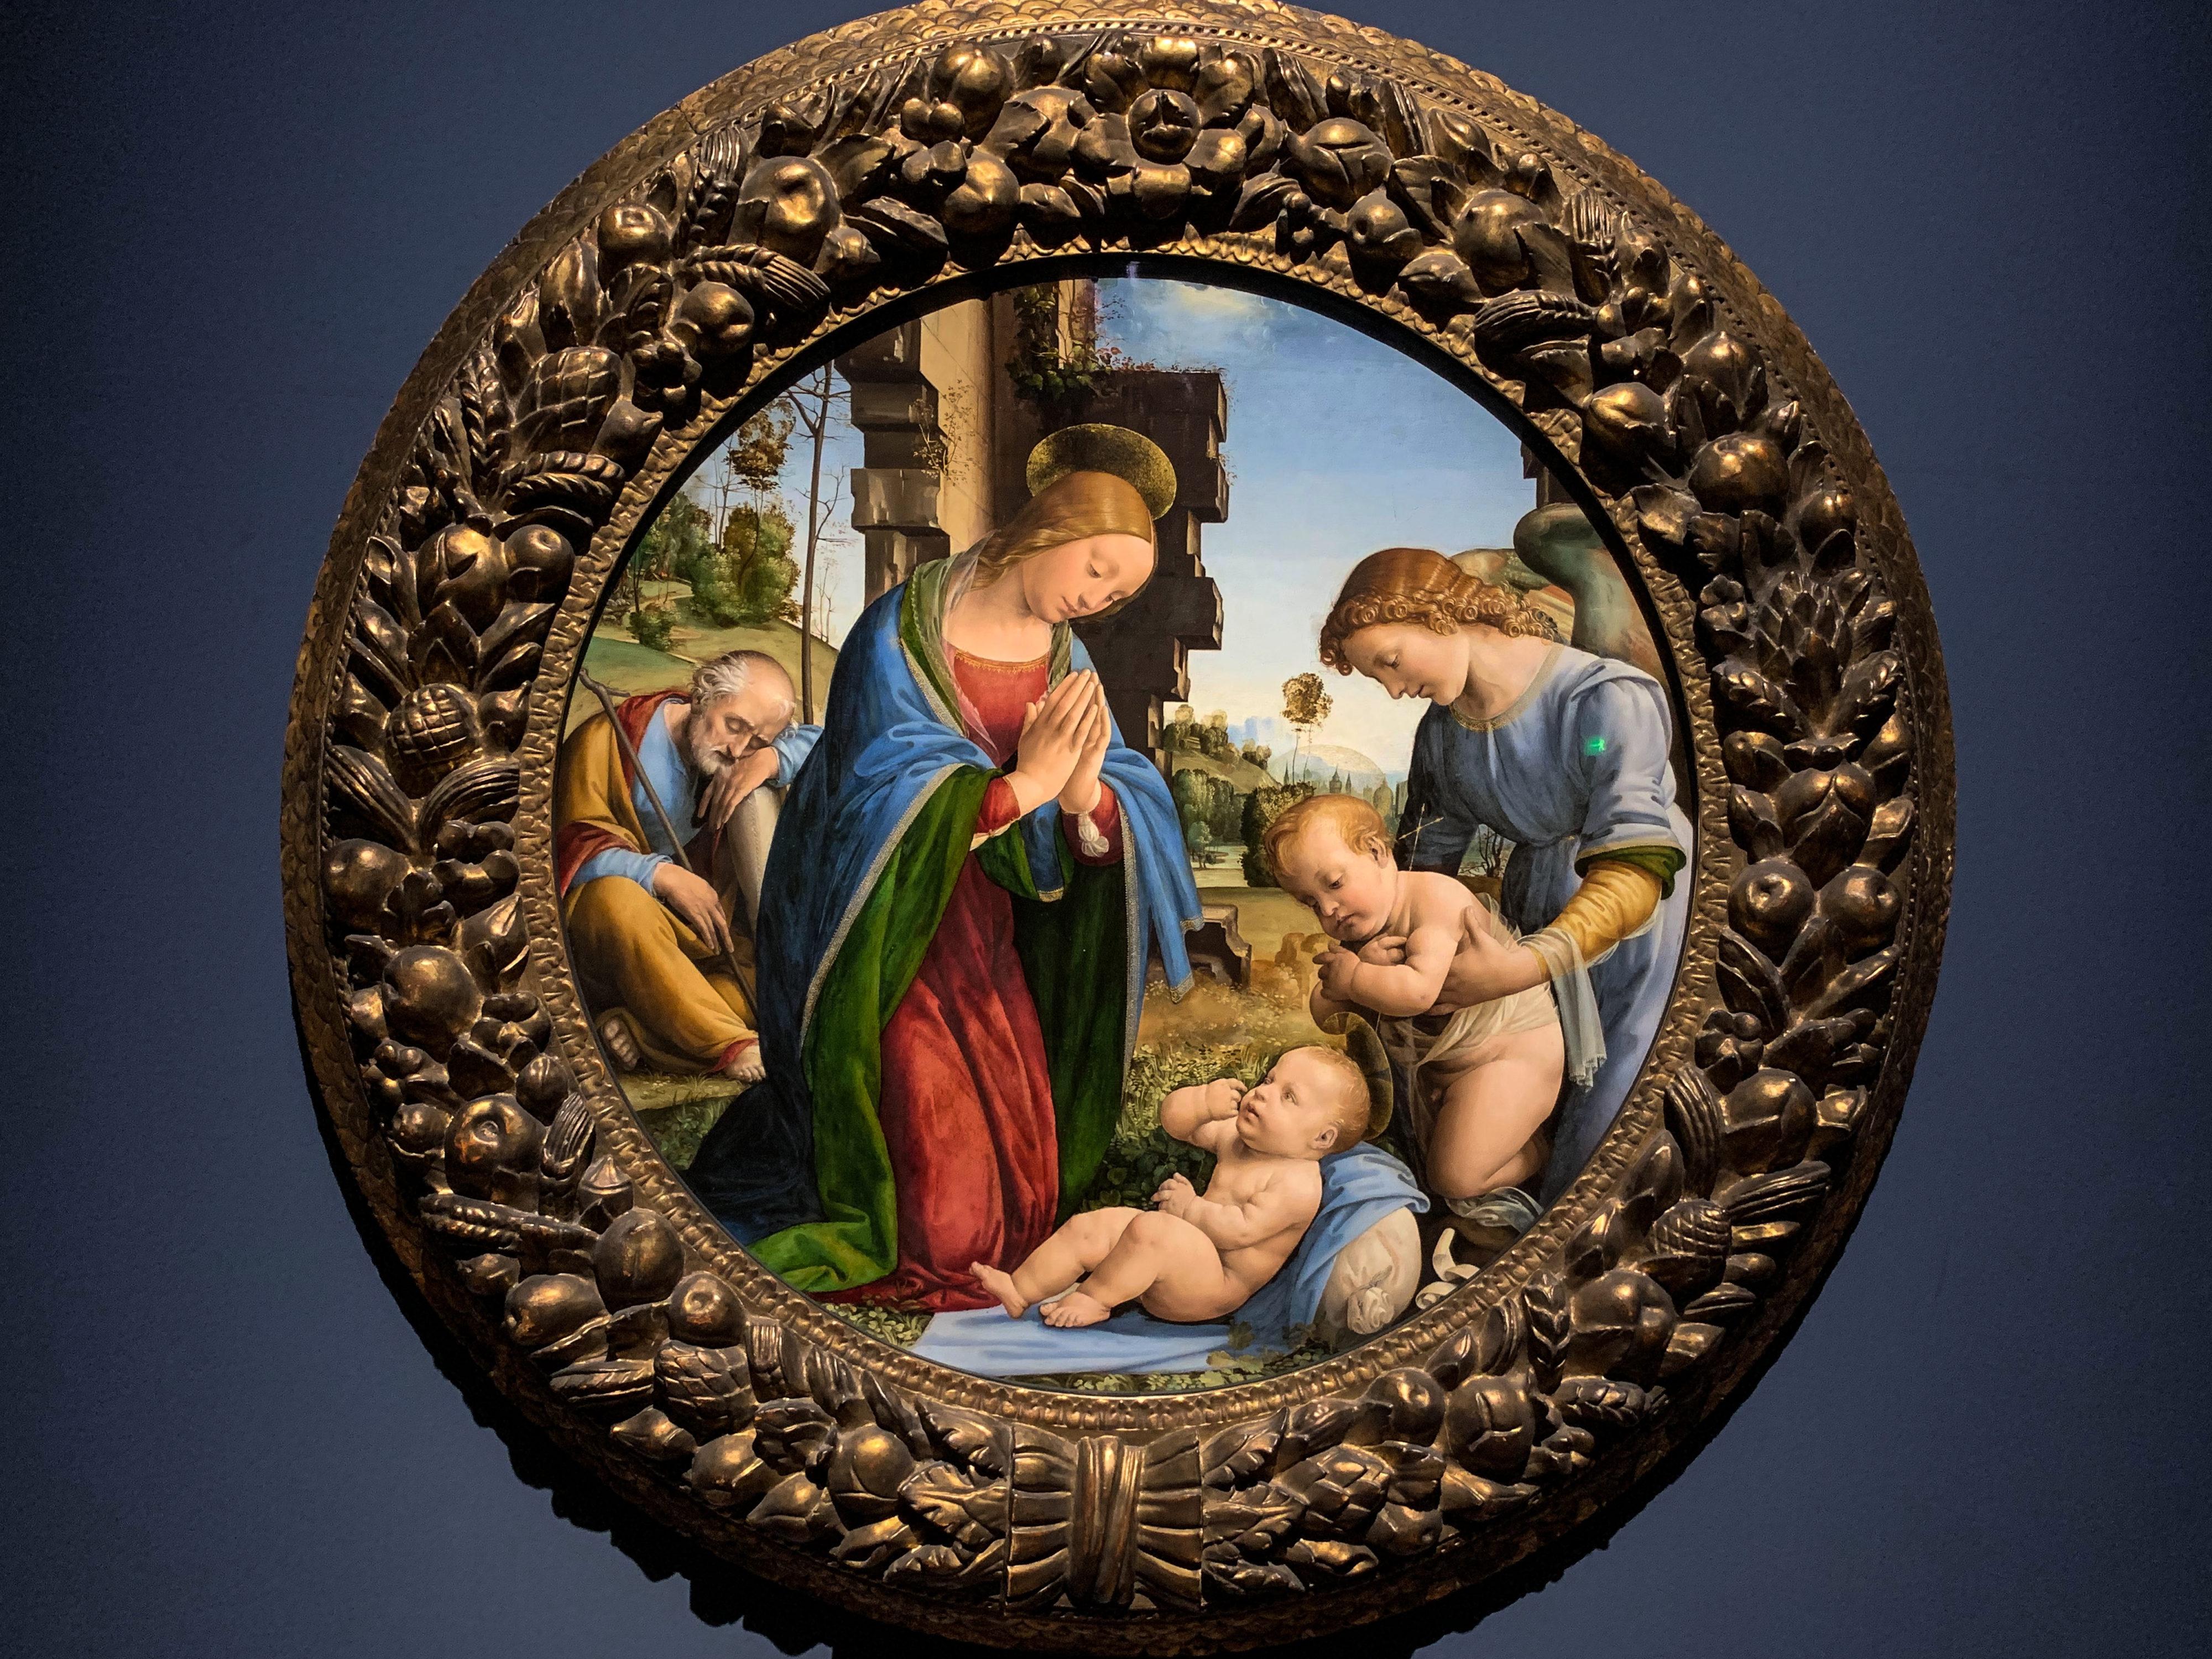 Meisterwerke von Botticelli und Fra Bartolommeo Anbetung Tondo